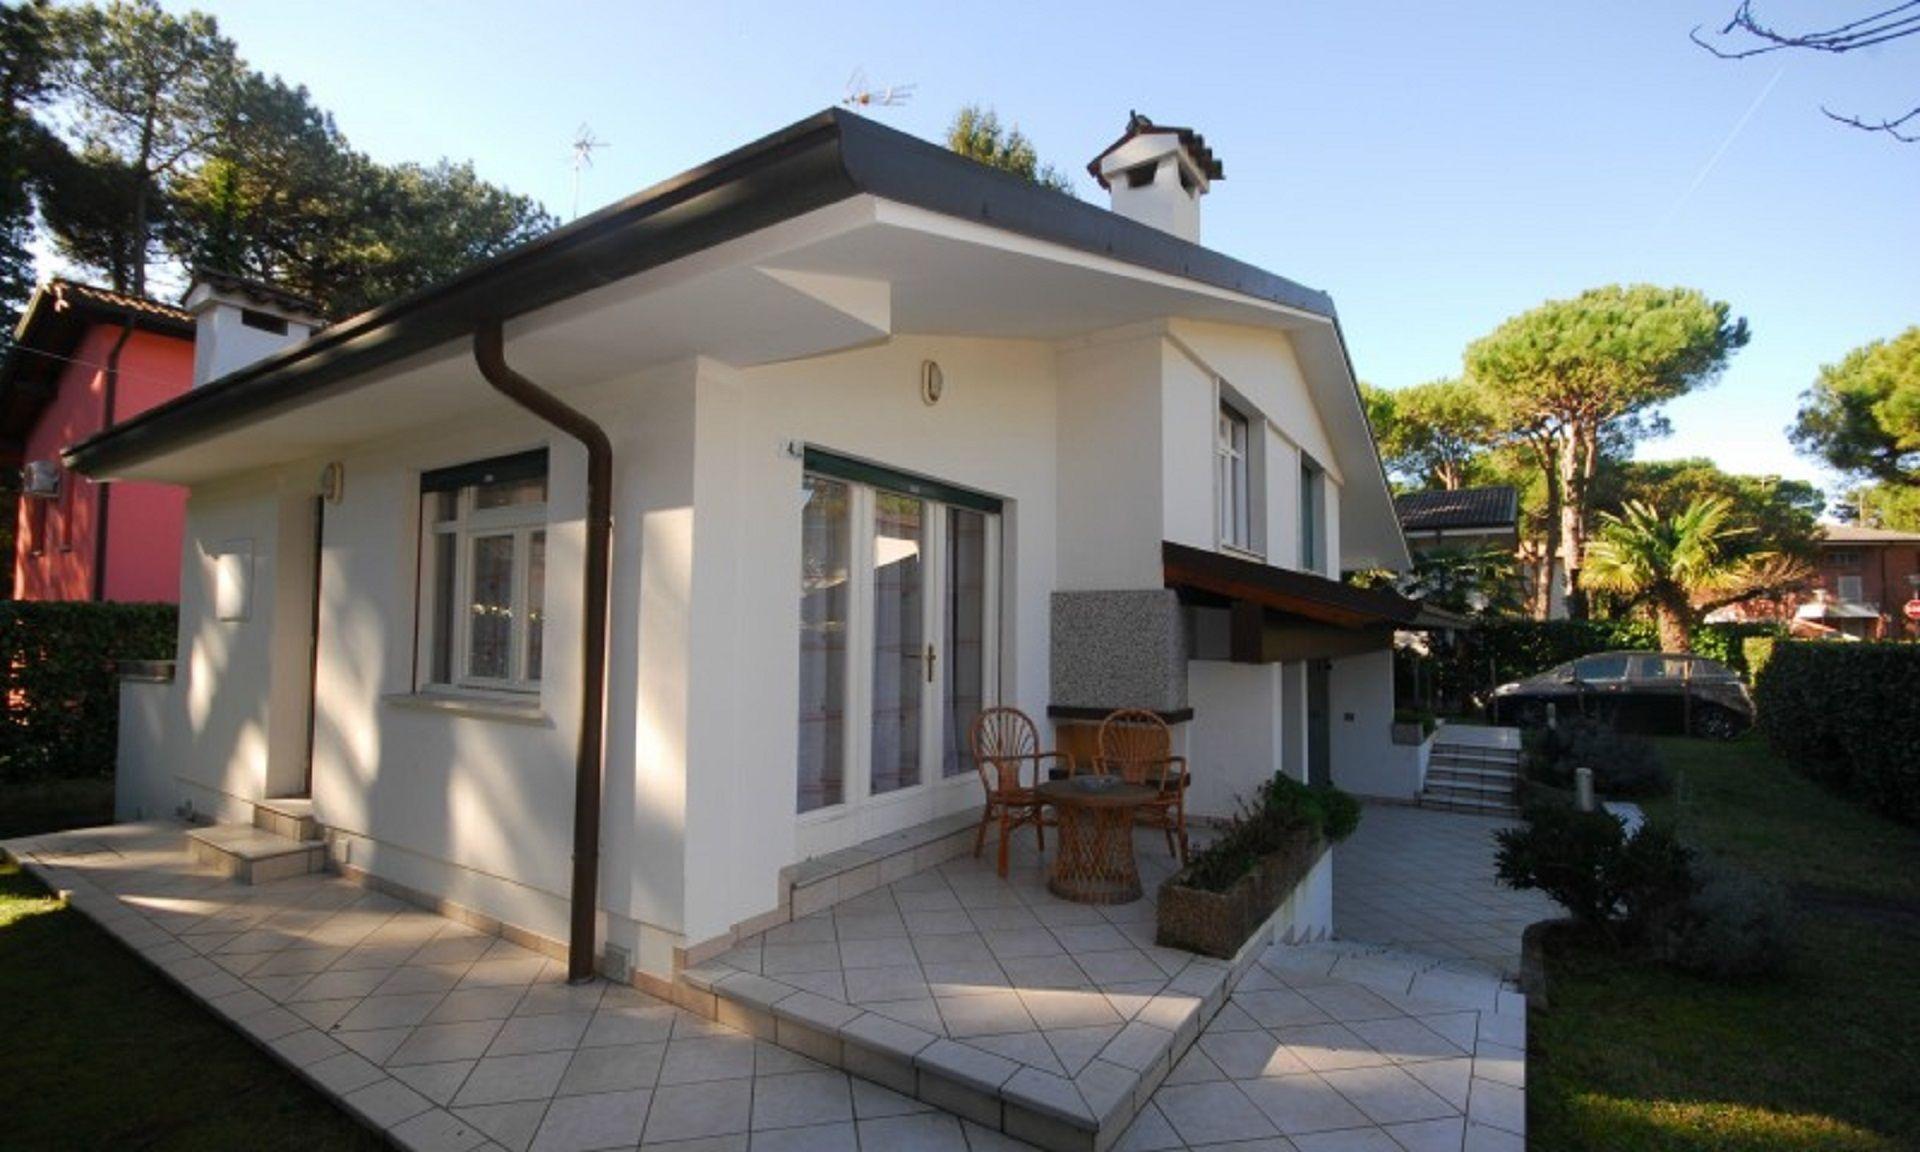 Villa in Lignano Sabbiadoro, Lignano Sabbiadoro, holiday rentals